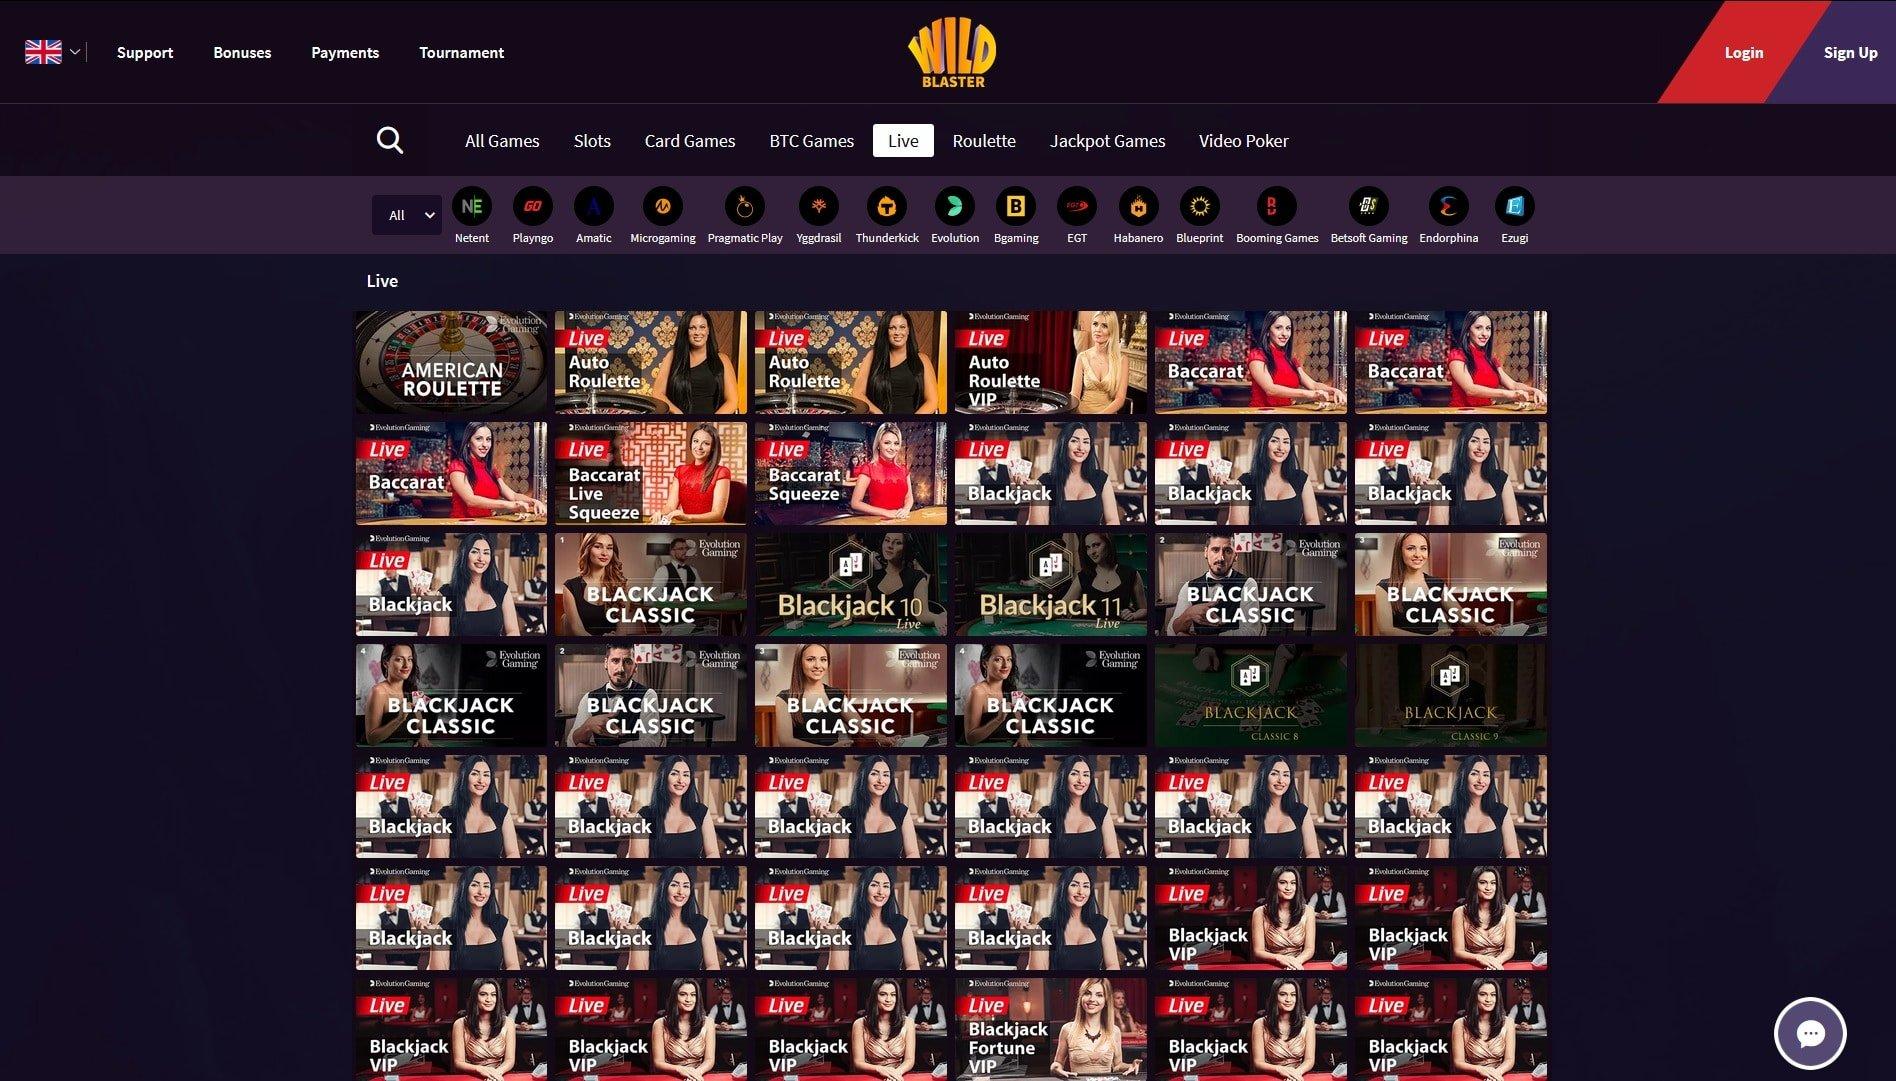 Recension Svenskt casino 24bettle 63050